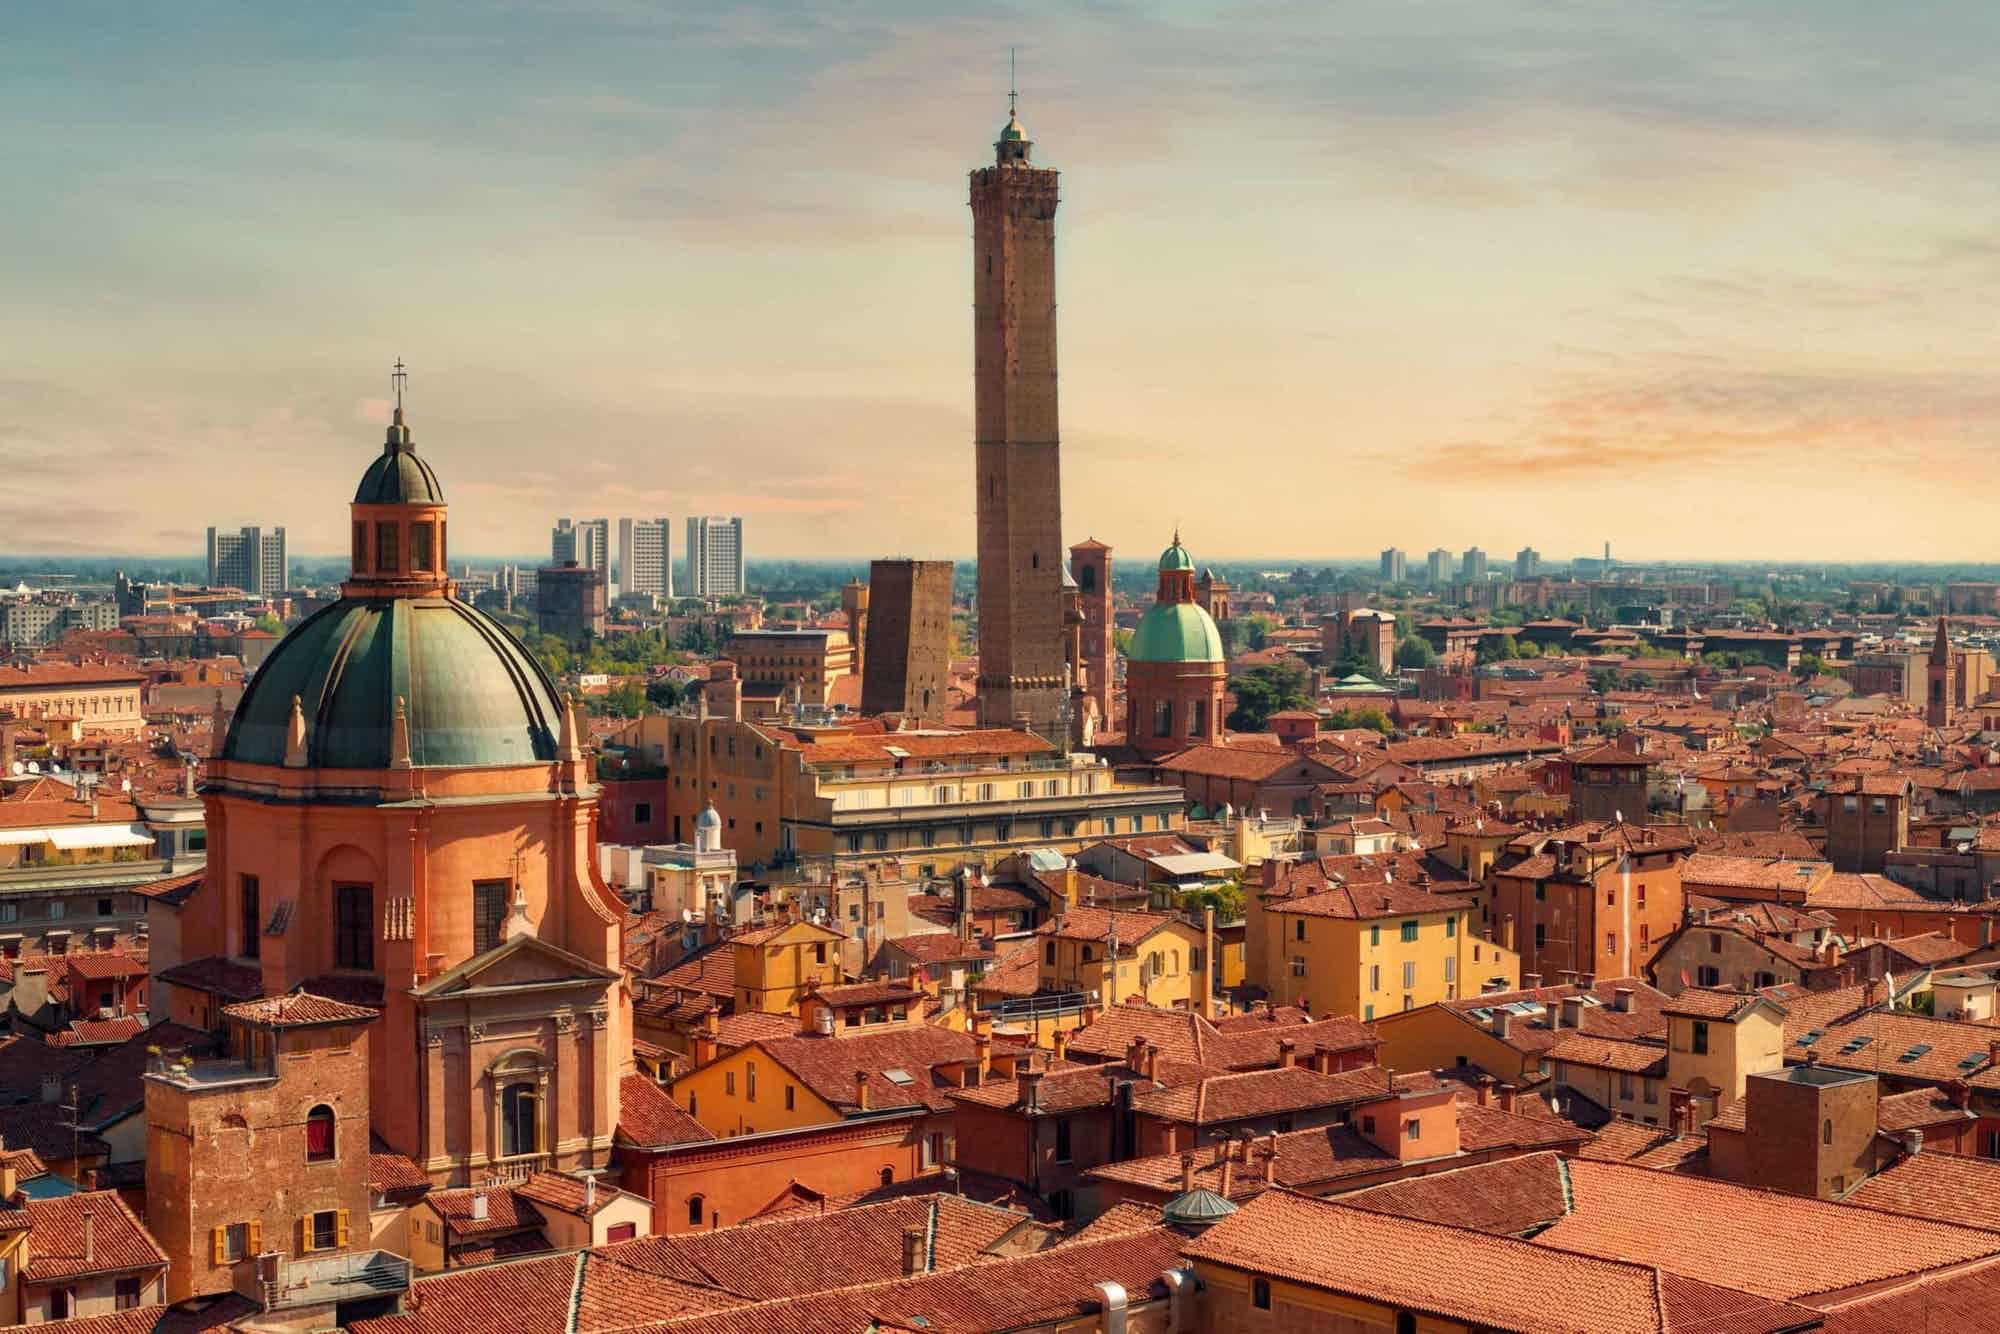 Blick auf die mittelalterlichen Geschlechtertürme Garisenda und Asinelli der Stadt Bologna